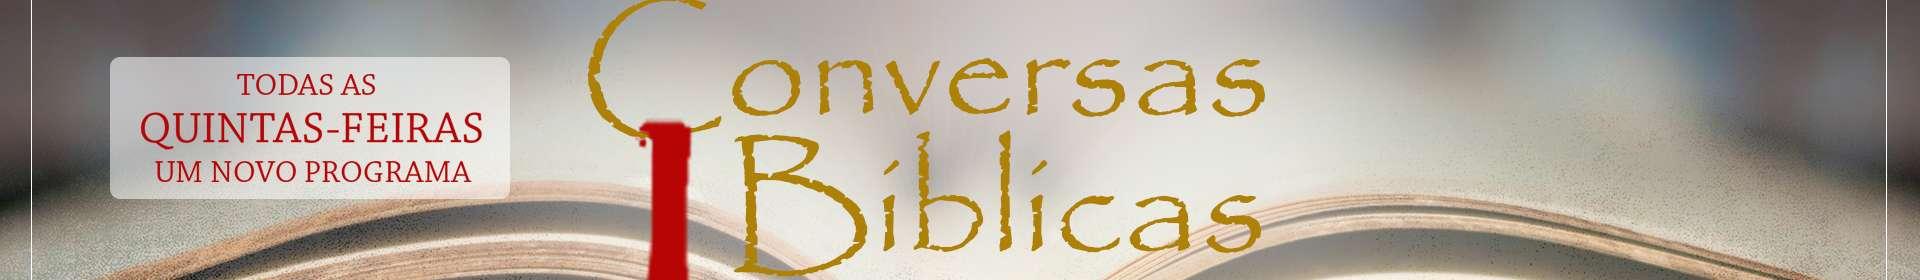 Conversas Bíblicas: Israel e a igreja - Parte 4